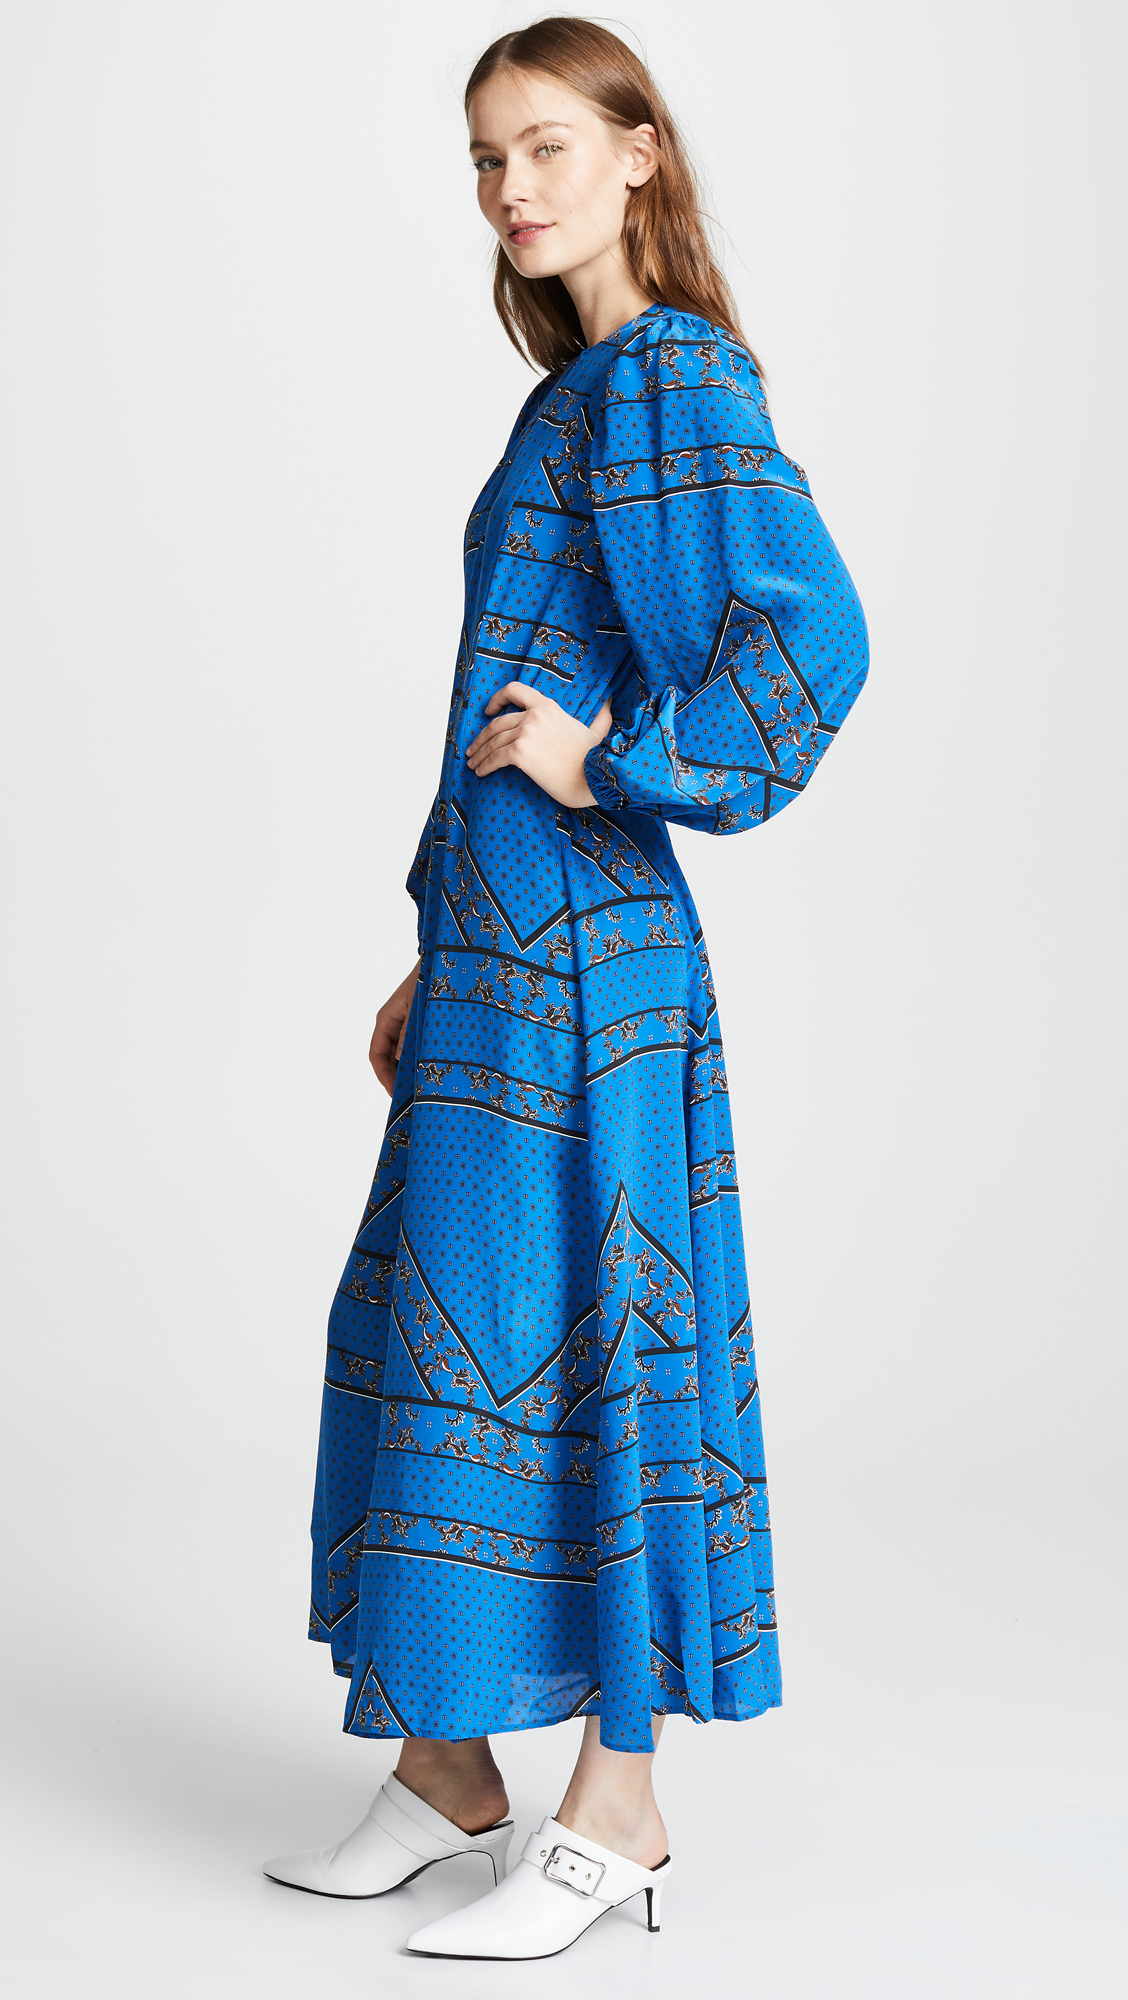 6dfe3f257b52 GANNI Sandwashed Silk Dress